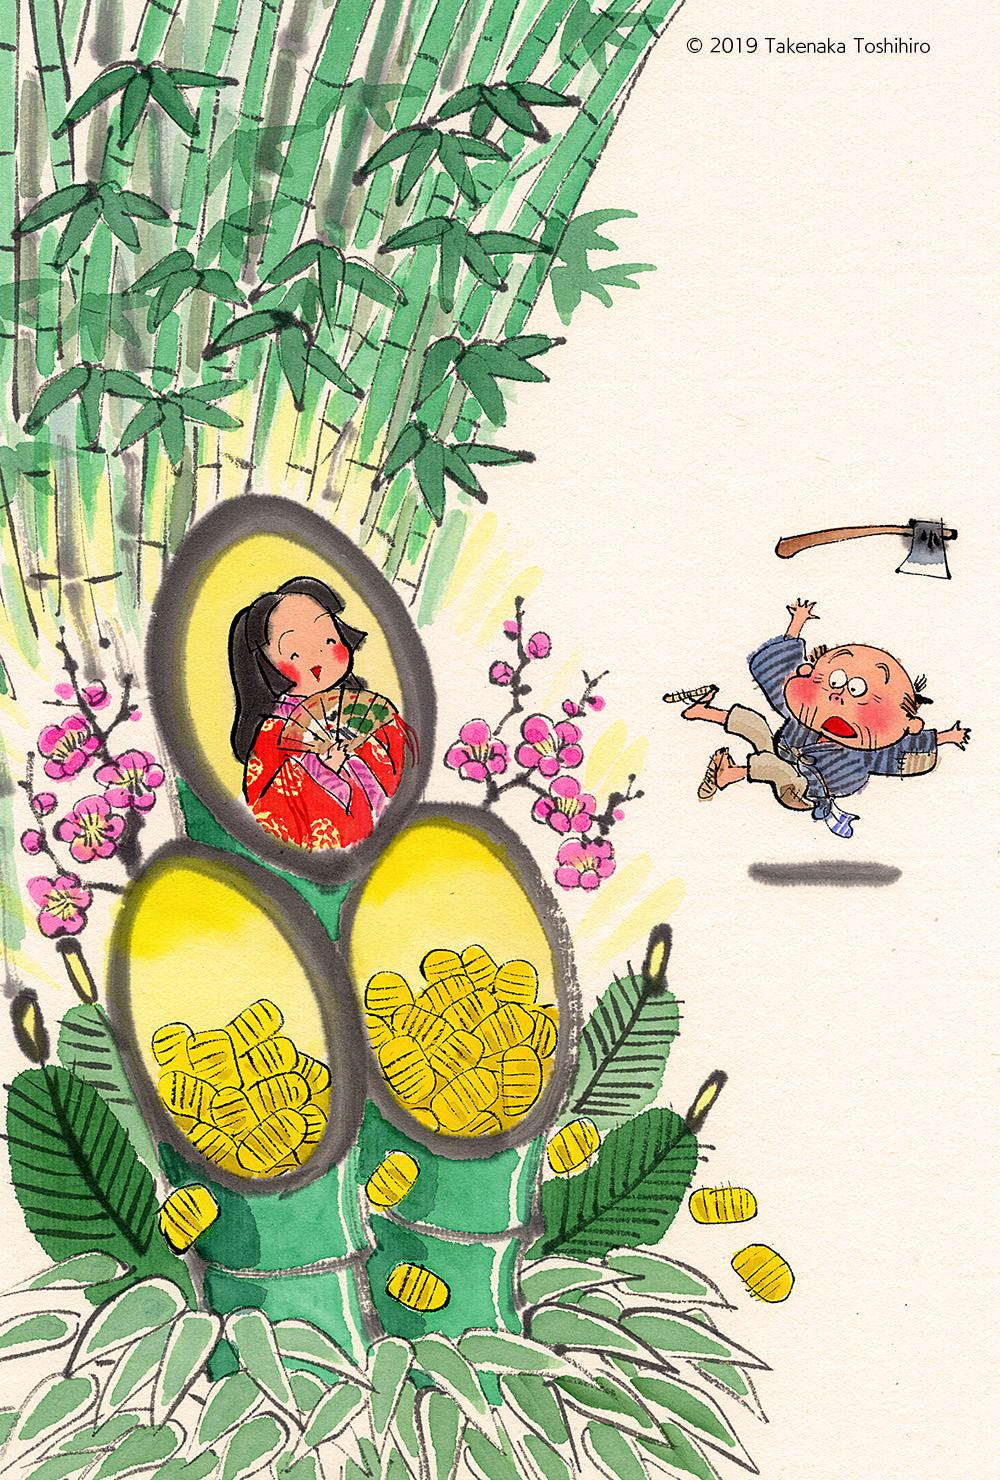 竹取翁が不思議に輝く竹を伐ってみたら中から綺麗なお姫様と大判小判が出てきてびっくり